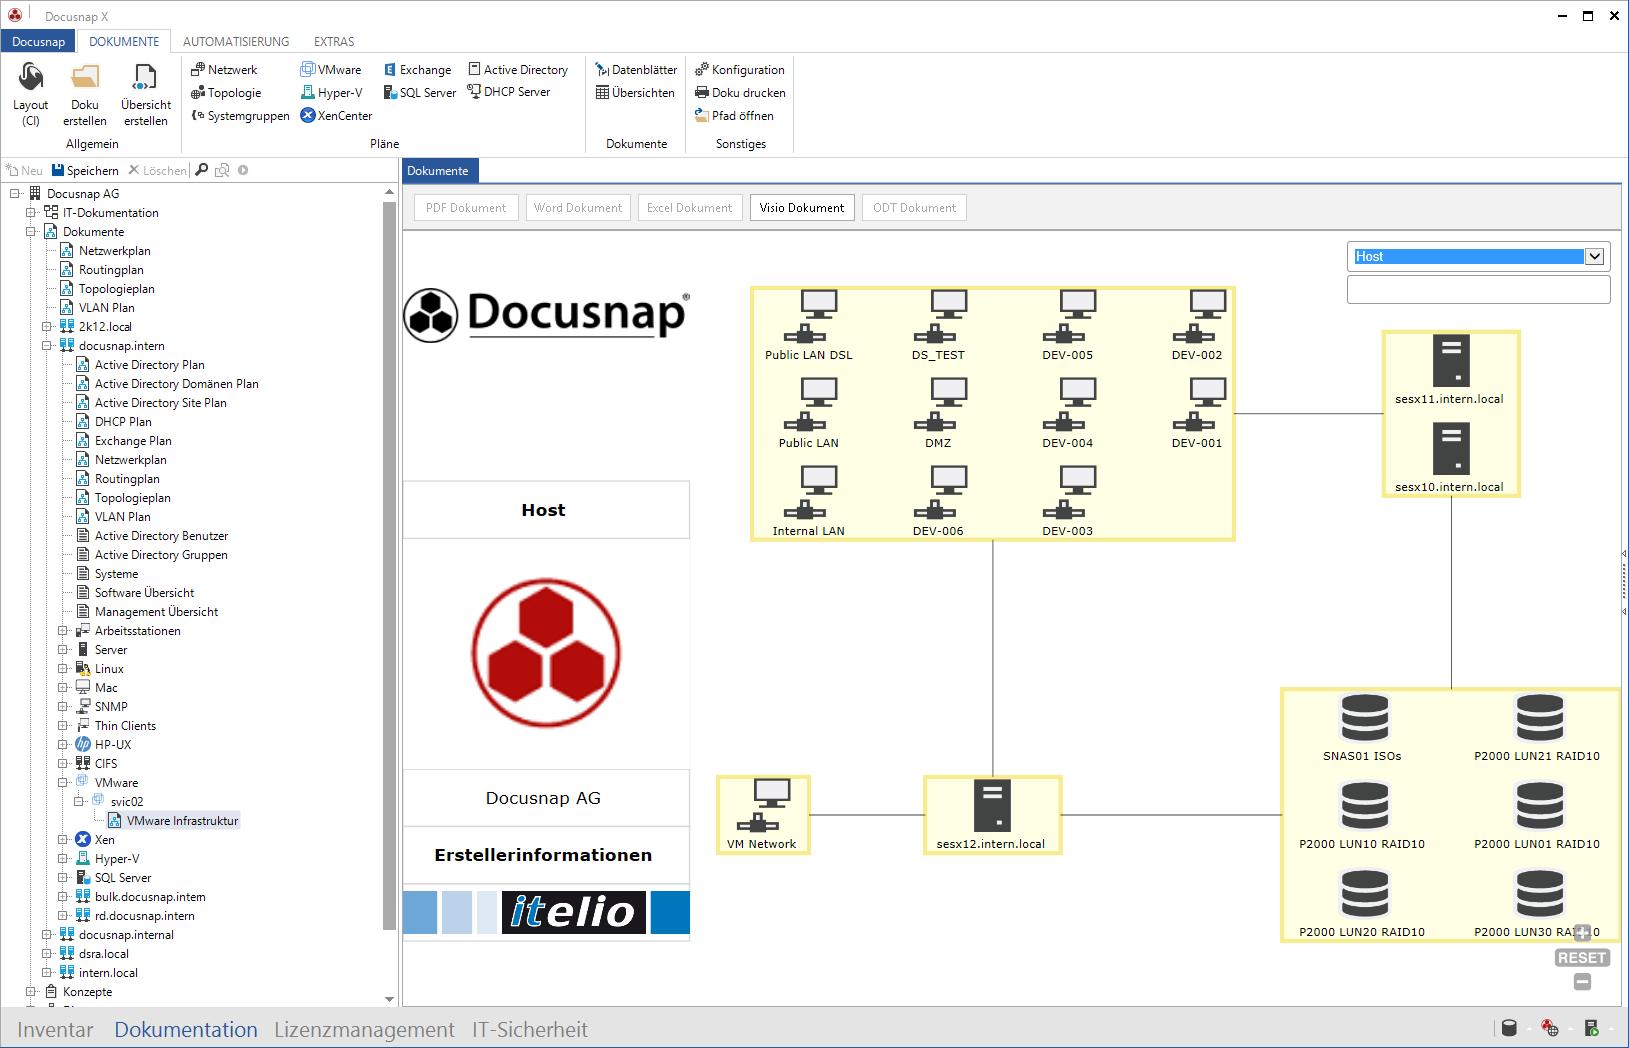 Darstellung der VMware Umgebungen innerhalb der VMware Inventarisierung